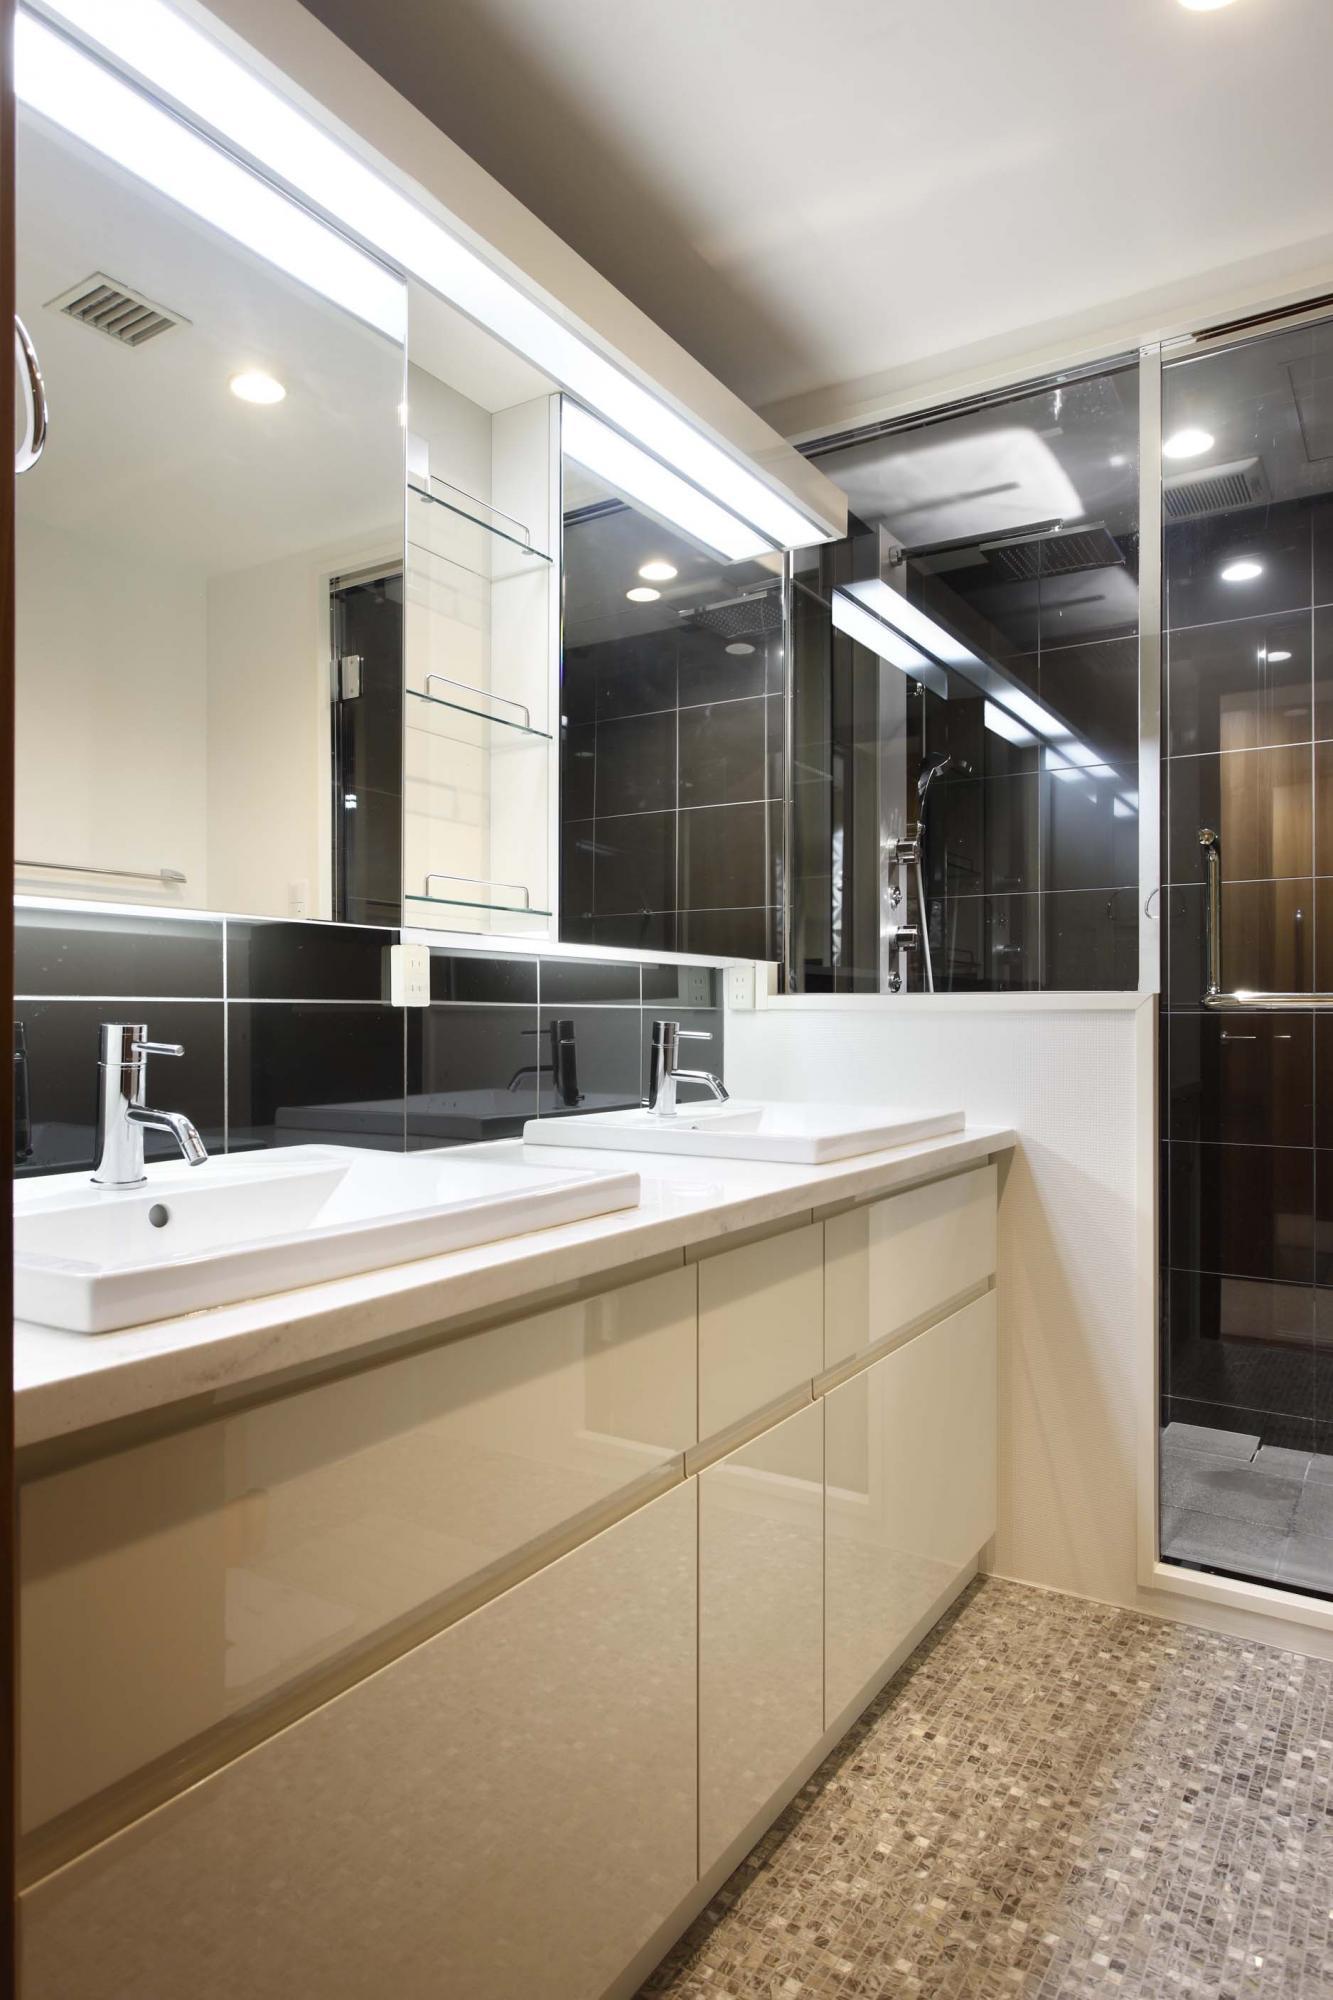 オーダーメイドの洗面化粧台。洗面前部のタイルはシャワールームと同じブラックのタイルを使用して統一感を出し、床はグレー系のモザイクタイルを貼っている。